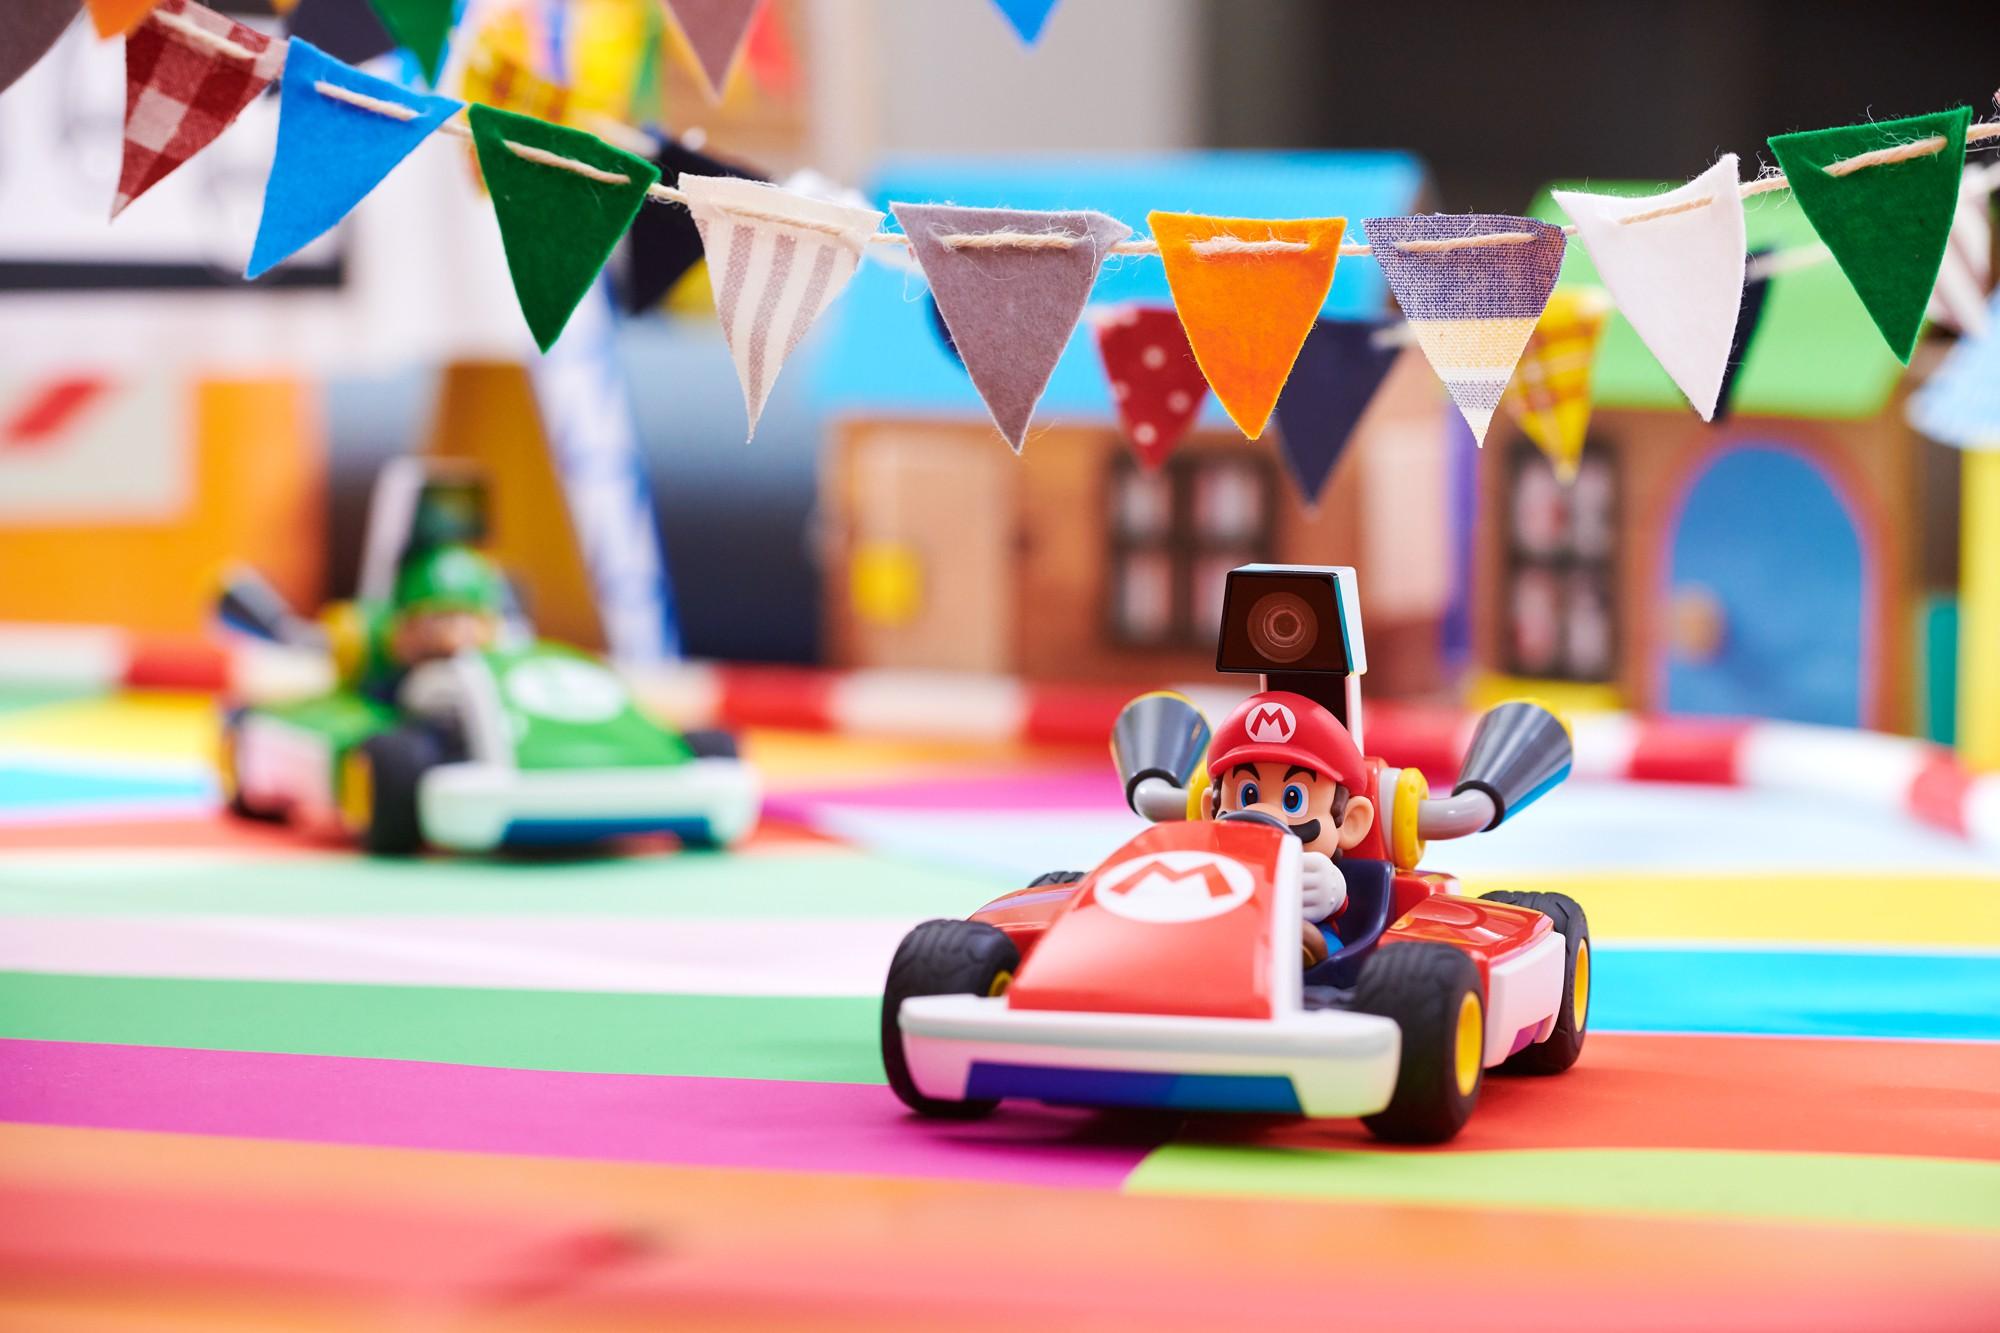 Mario Kart Live Home Circuit Mario mašinėlės rinkinys